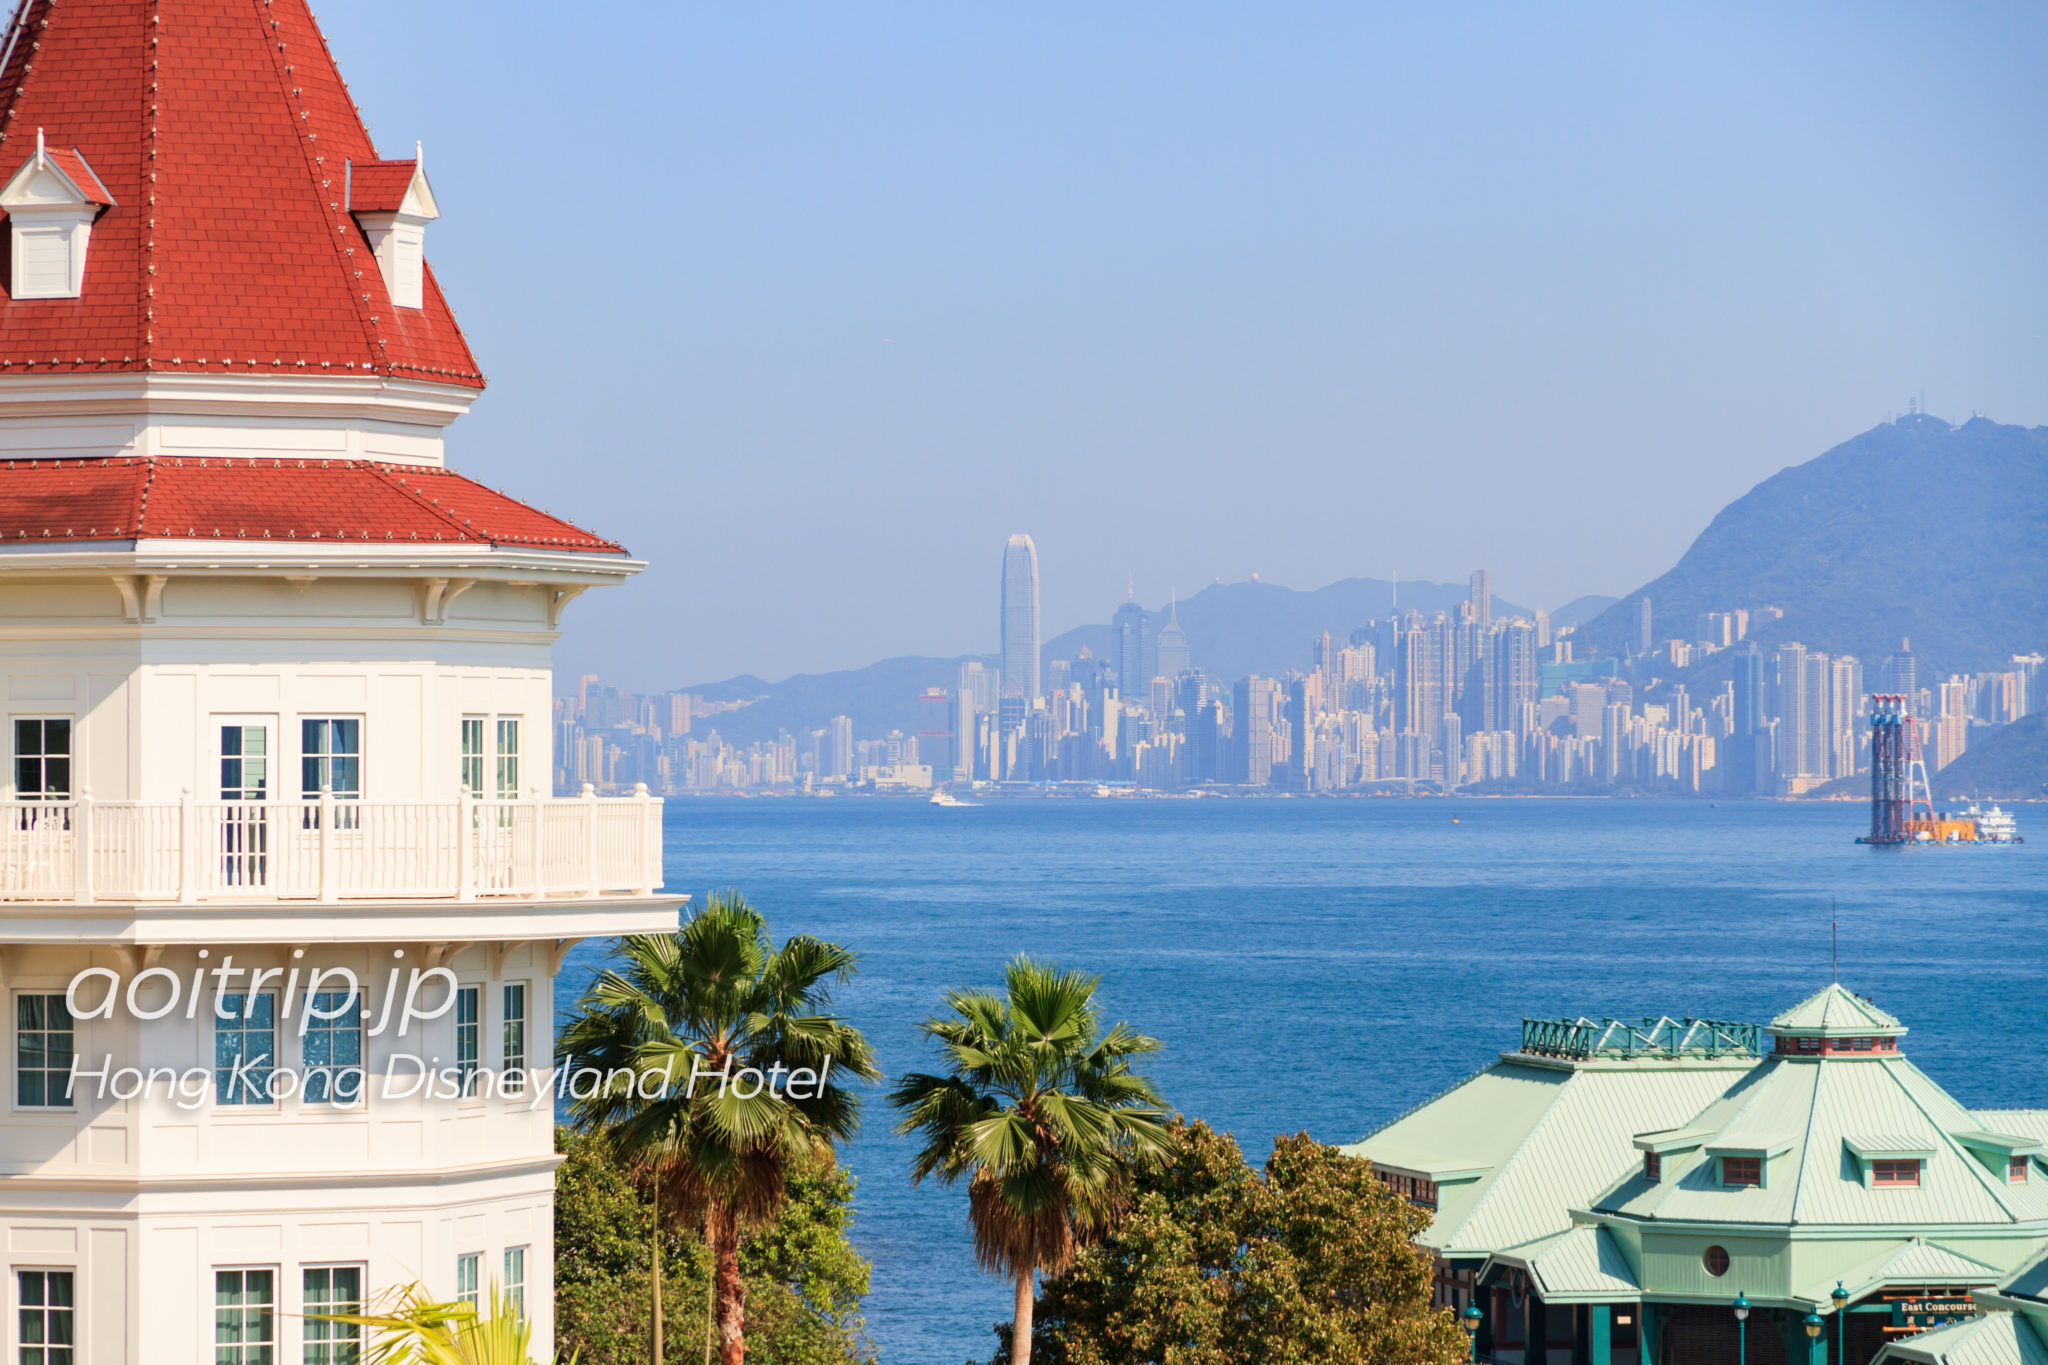 香港ディズニーランドホテルと香港島の街並み